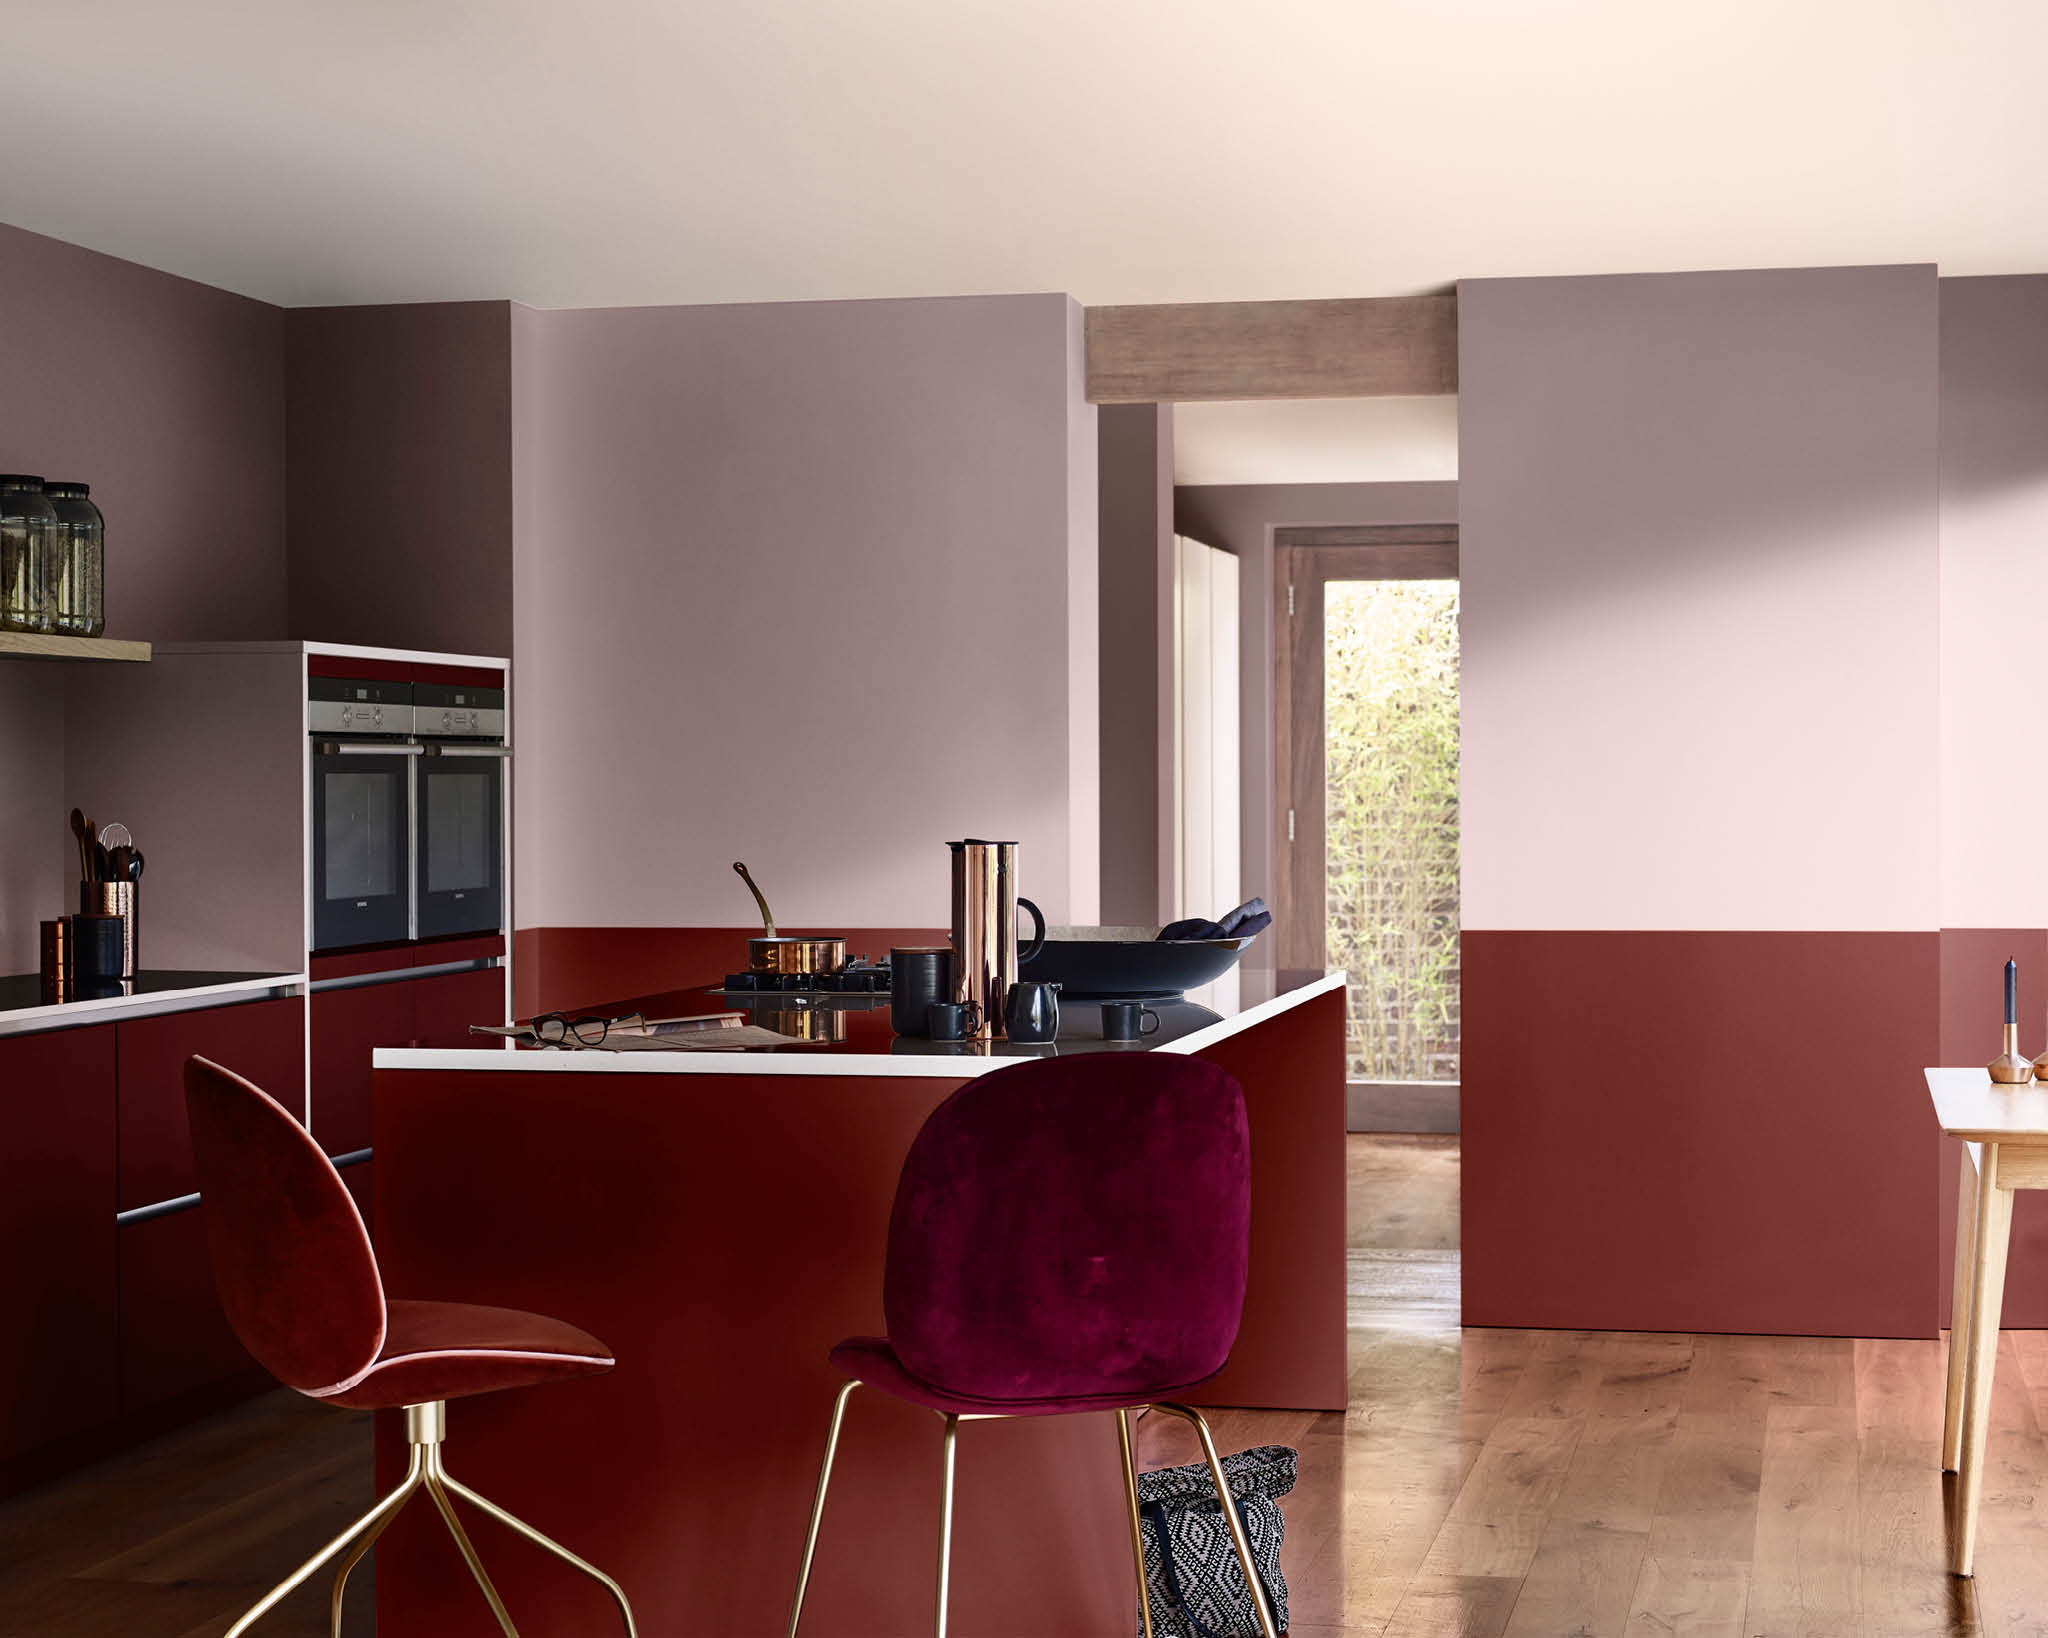 Recetas De Colores Para Tu Cocina Martel - Colores-de-cocina